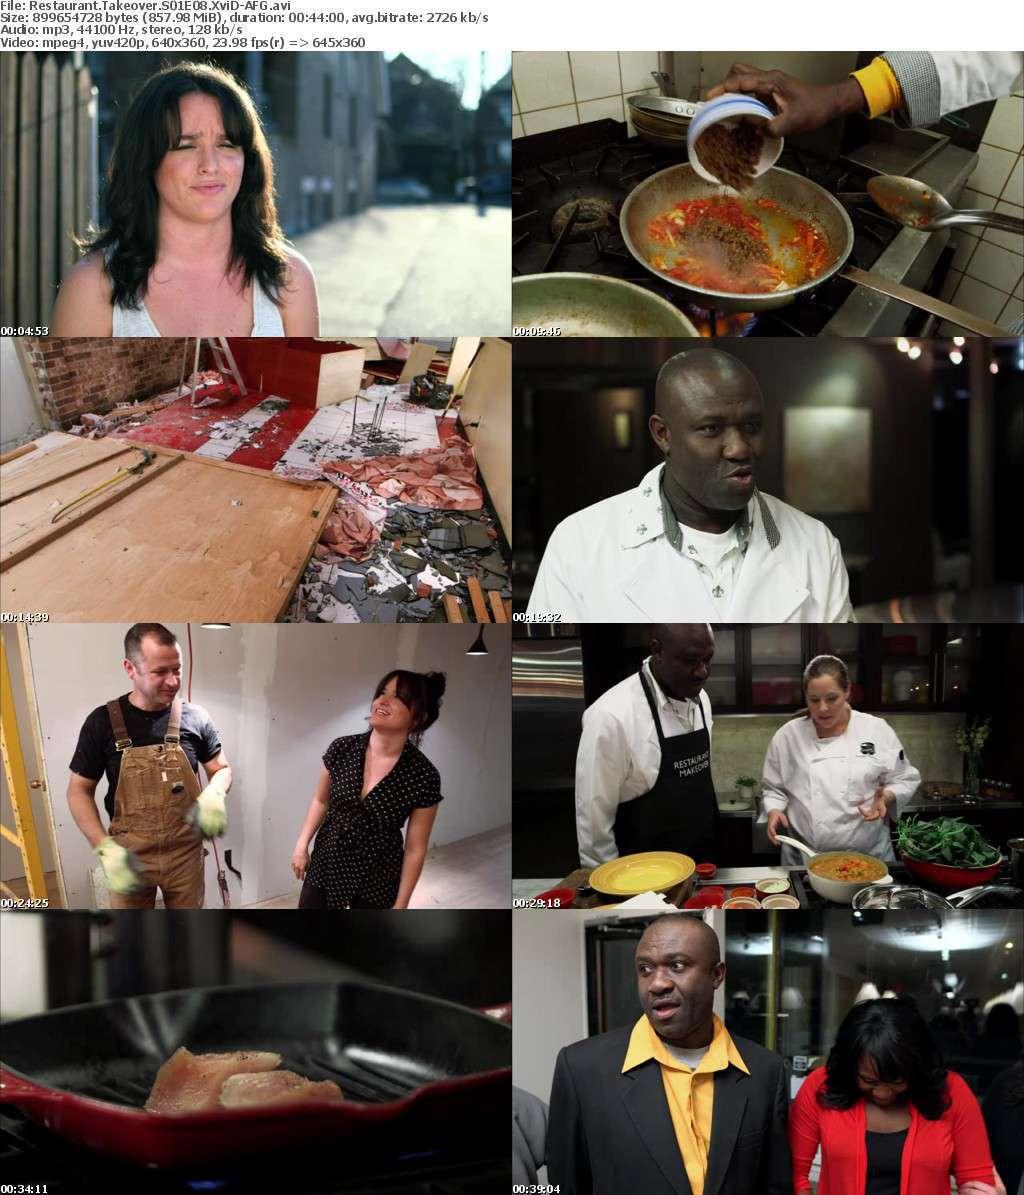 Restaurant Takeover S01E08 XviD-AFG